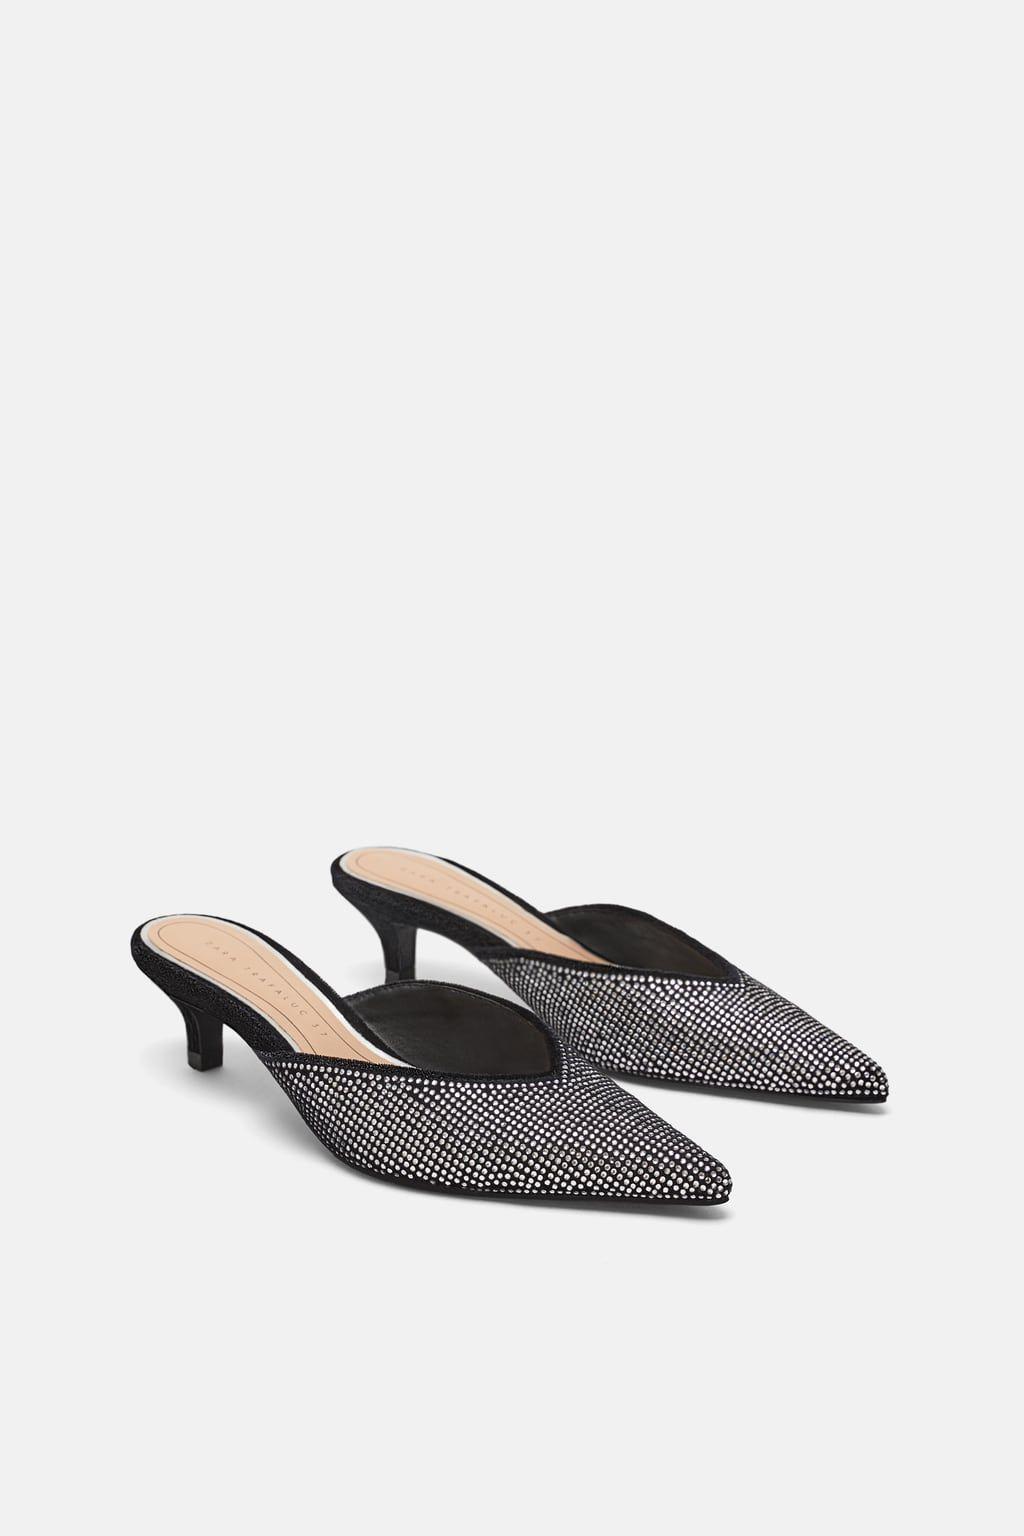 Heeled mules, Heels, Sparkly heels